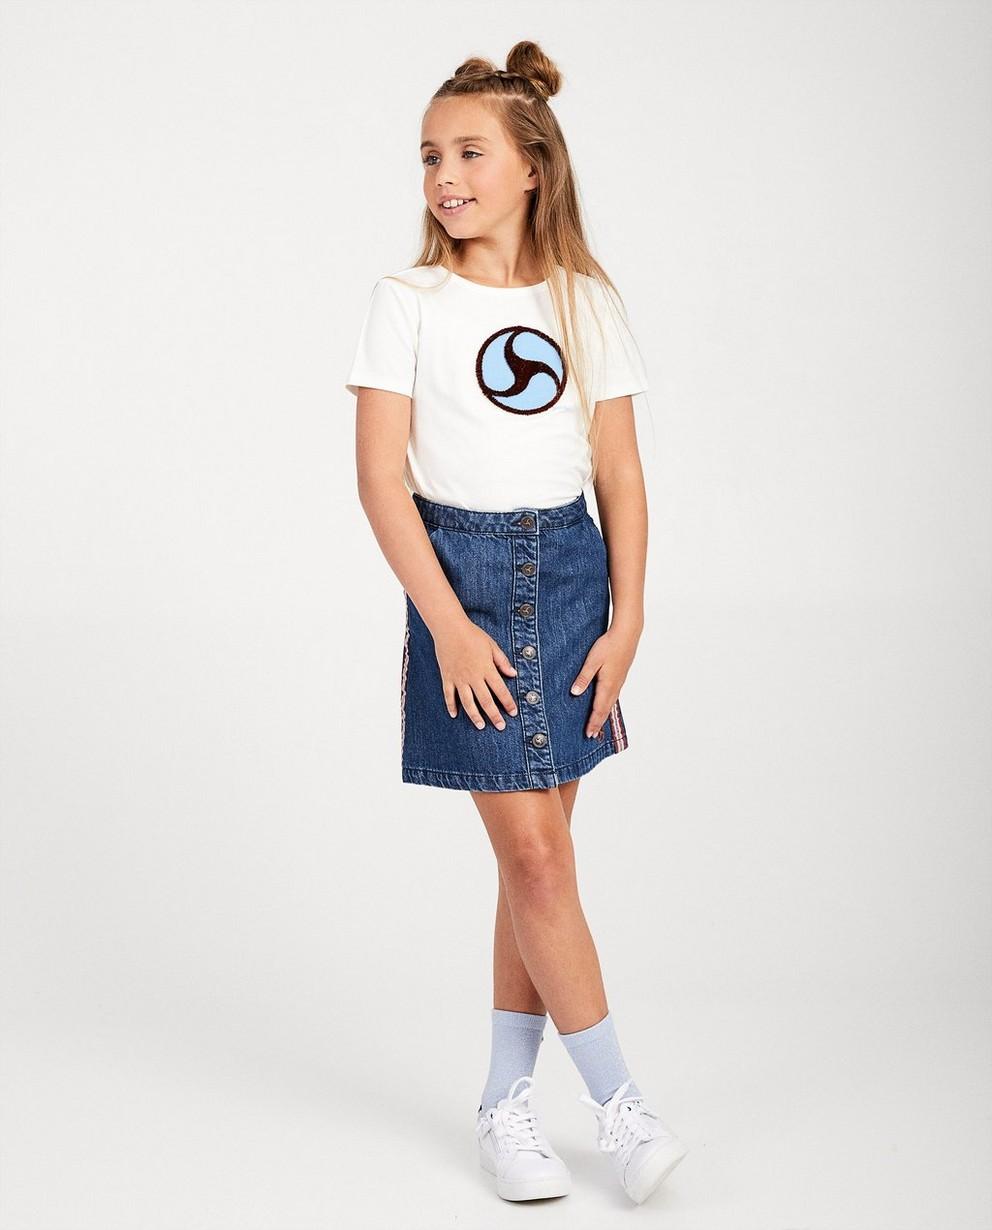 T-shirt en coton bio Nachtwacht - logo Nachtwacht - Nachtwacht